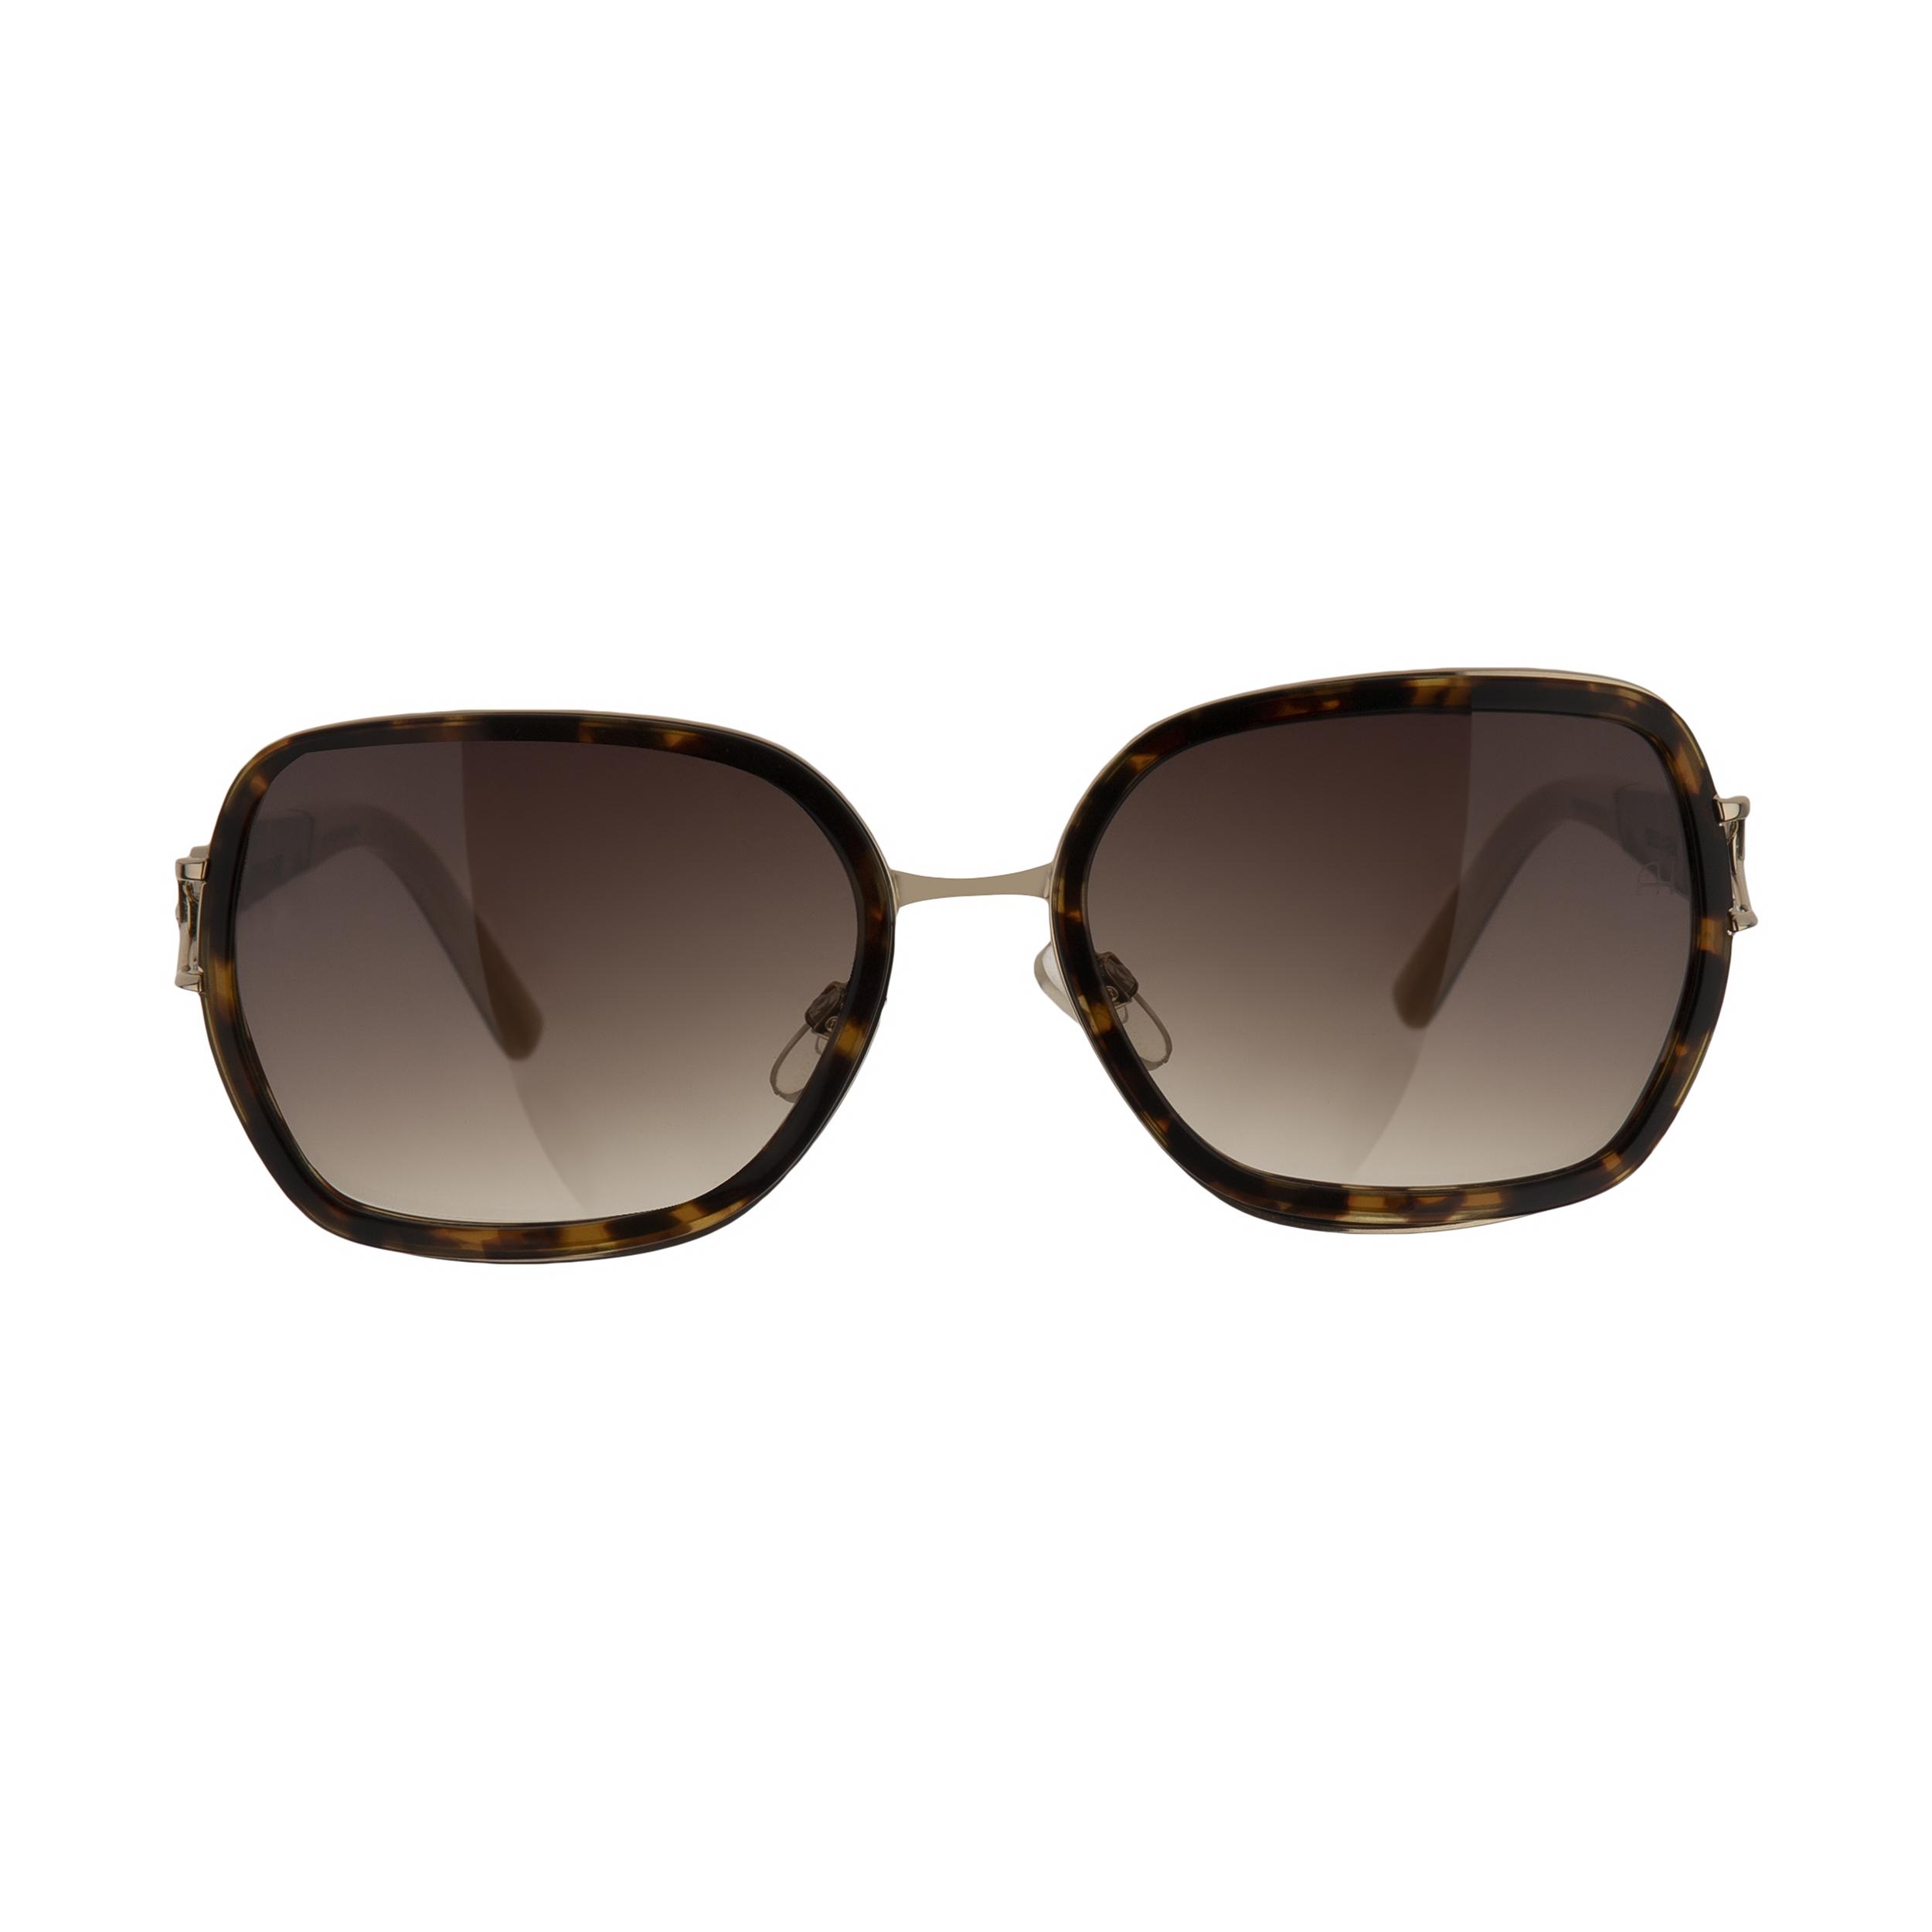 عینک آفتابی زنانه آناهیکمن مدل 3075